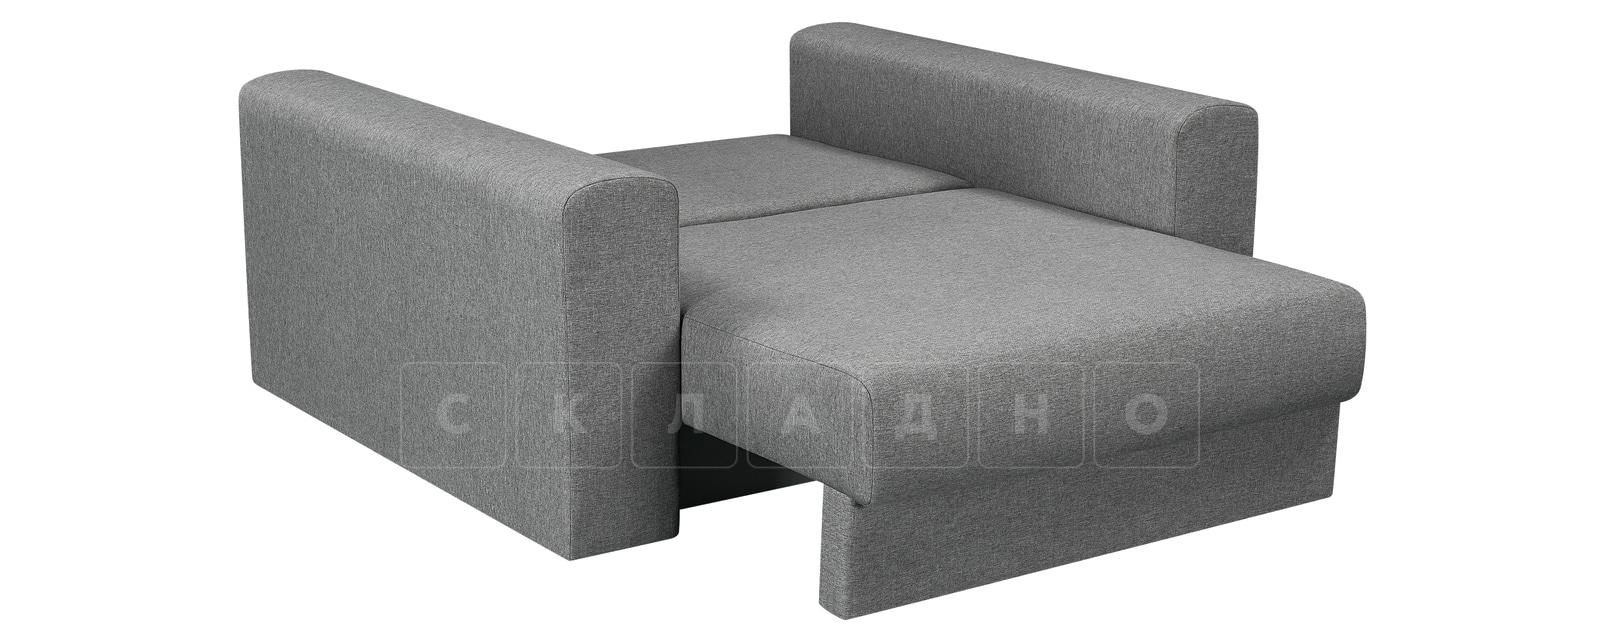 Кресло Медисон 100 см серого цвета фото 3 | интернет-магазин Складно